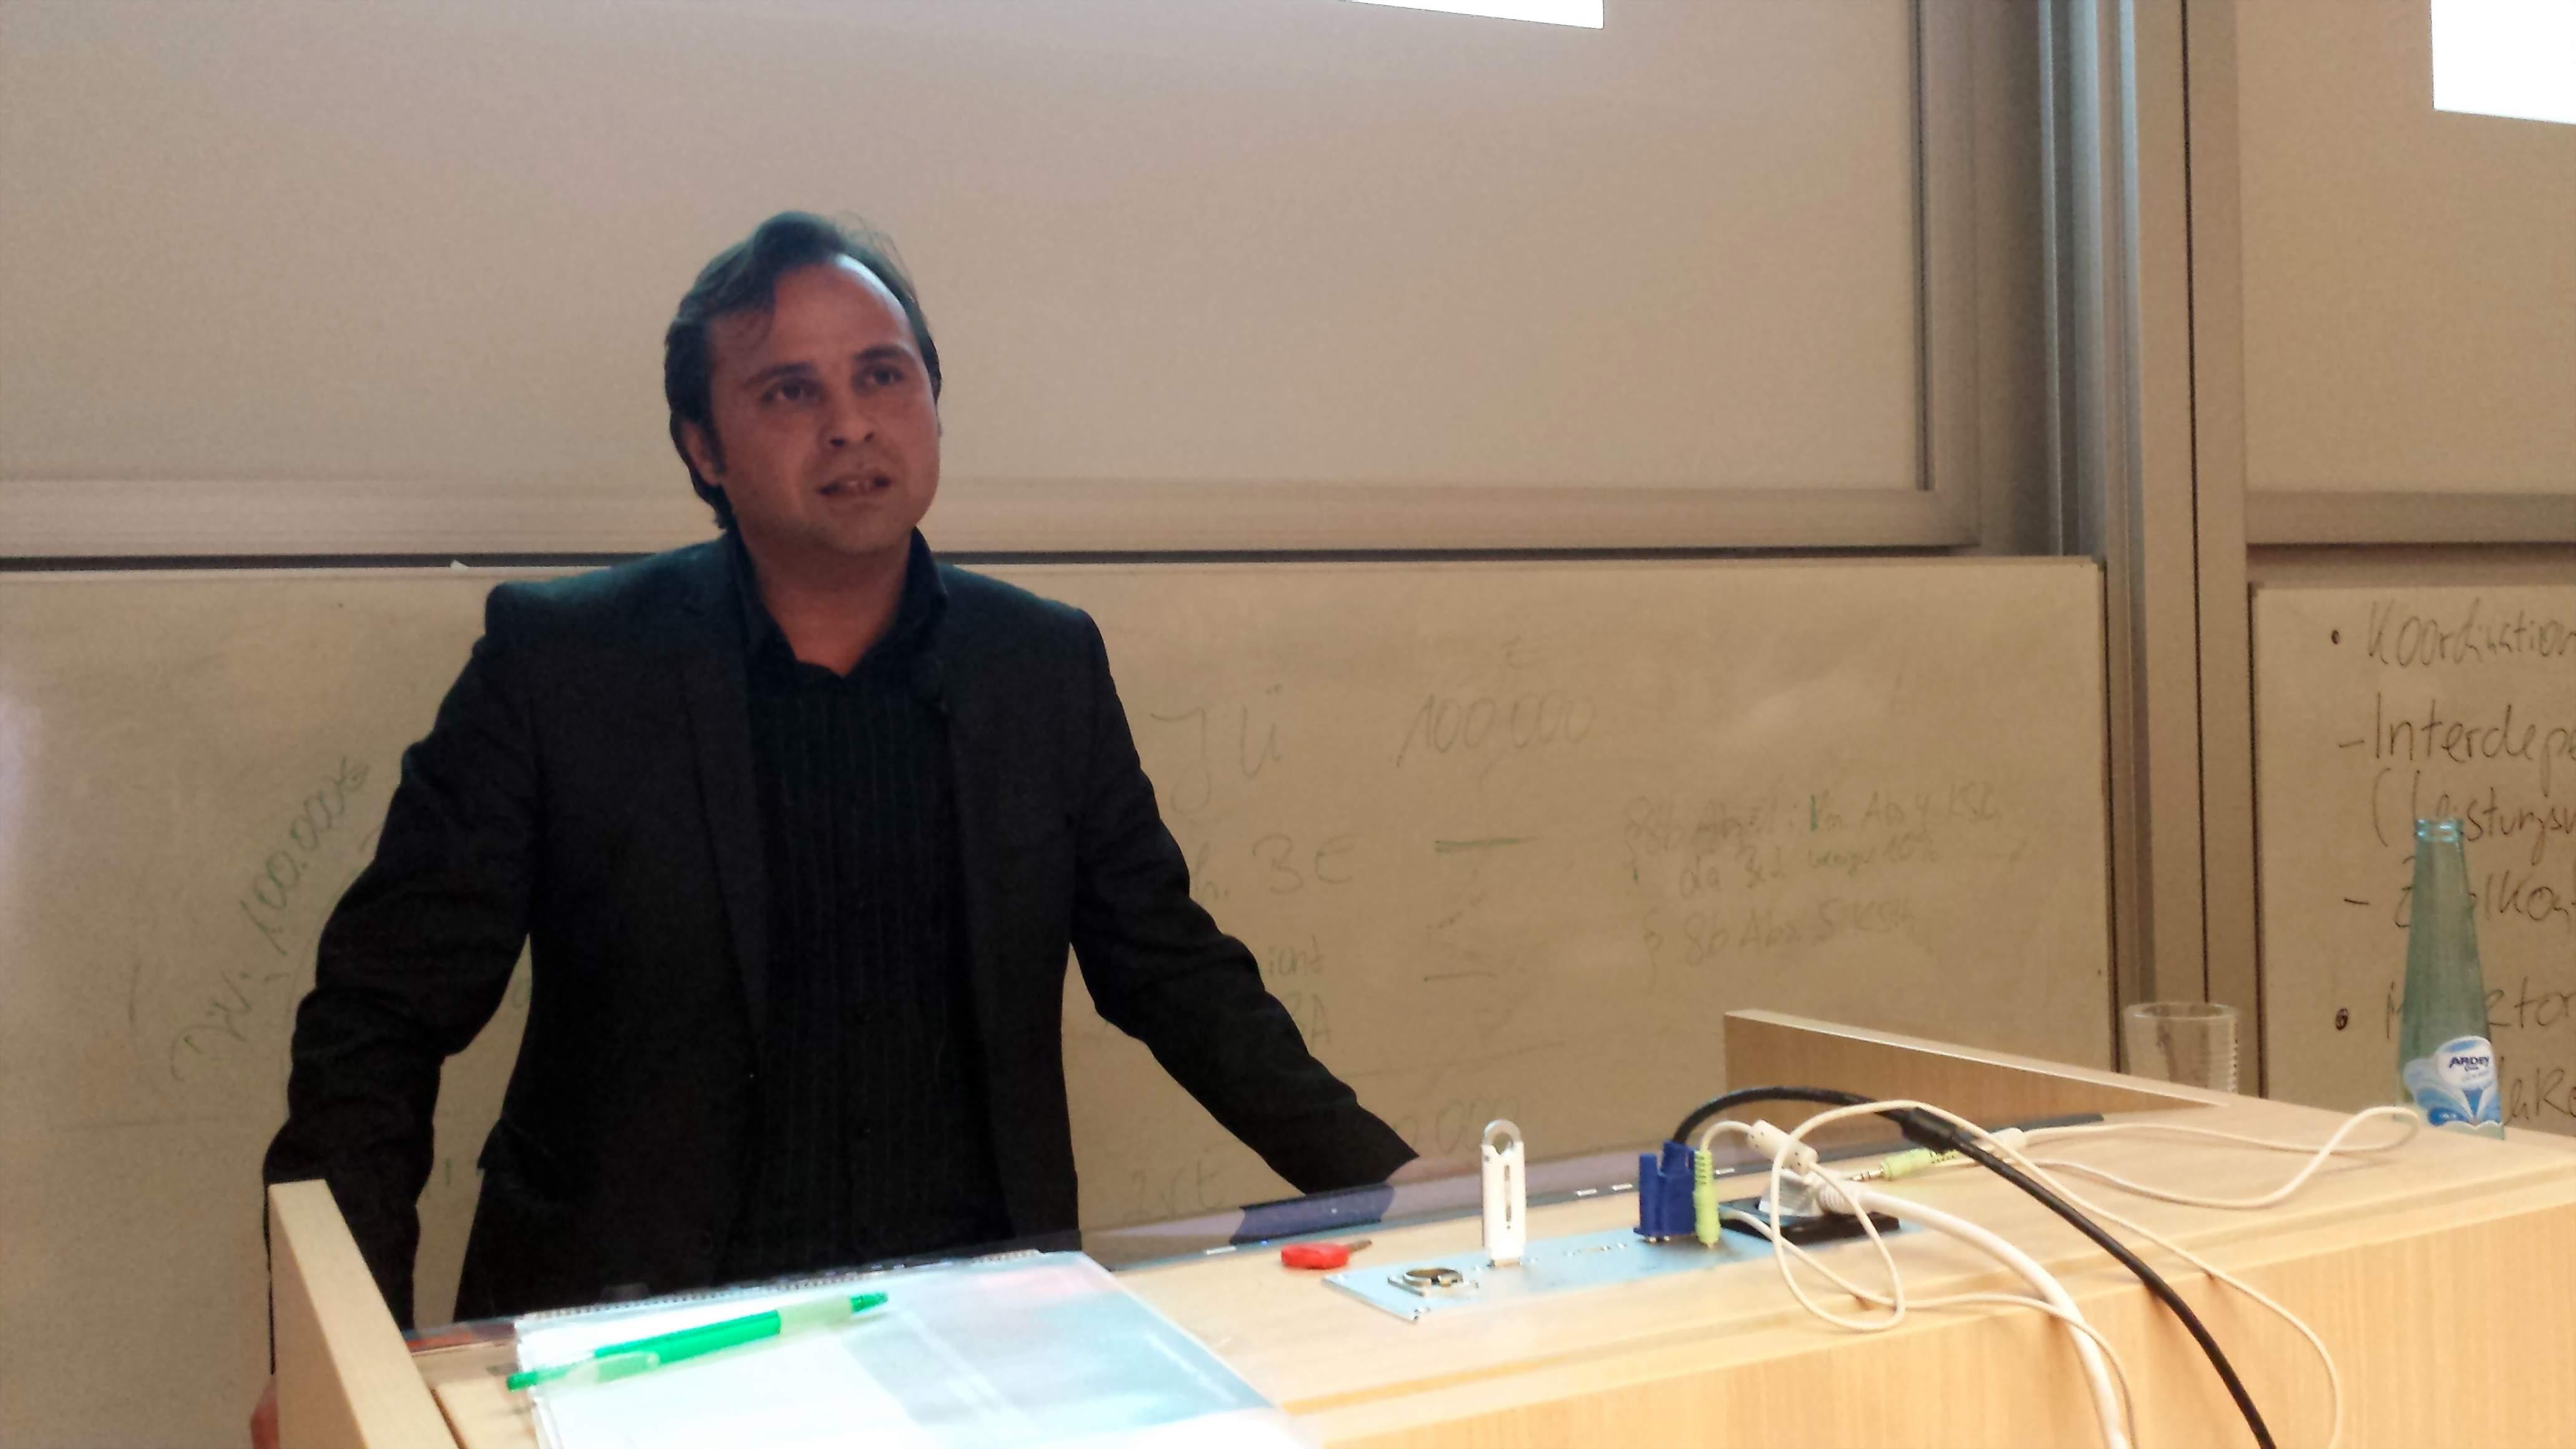 Levent Arslan referierte über seine Erfahrungen aus der praktischen Flüchtlingsarbeit. Fotos: C.-D. Stille